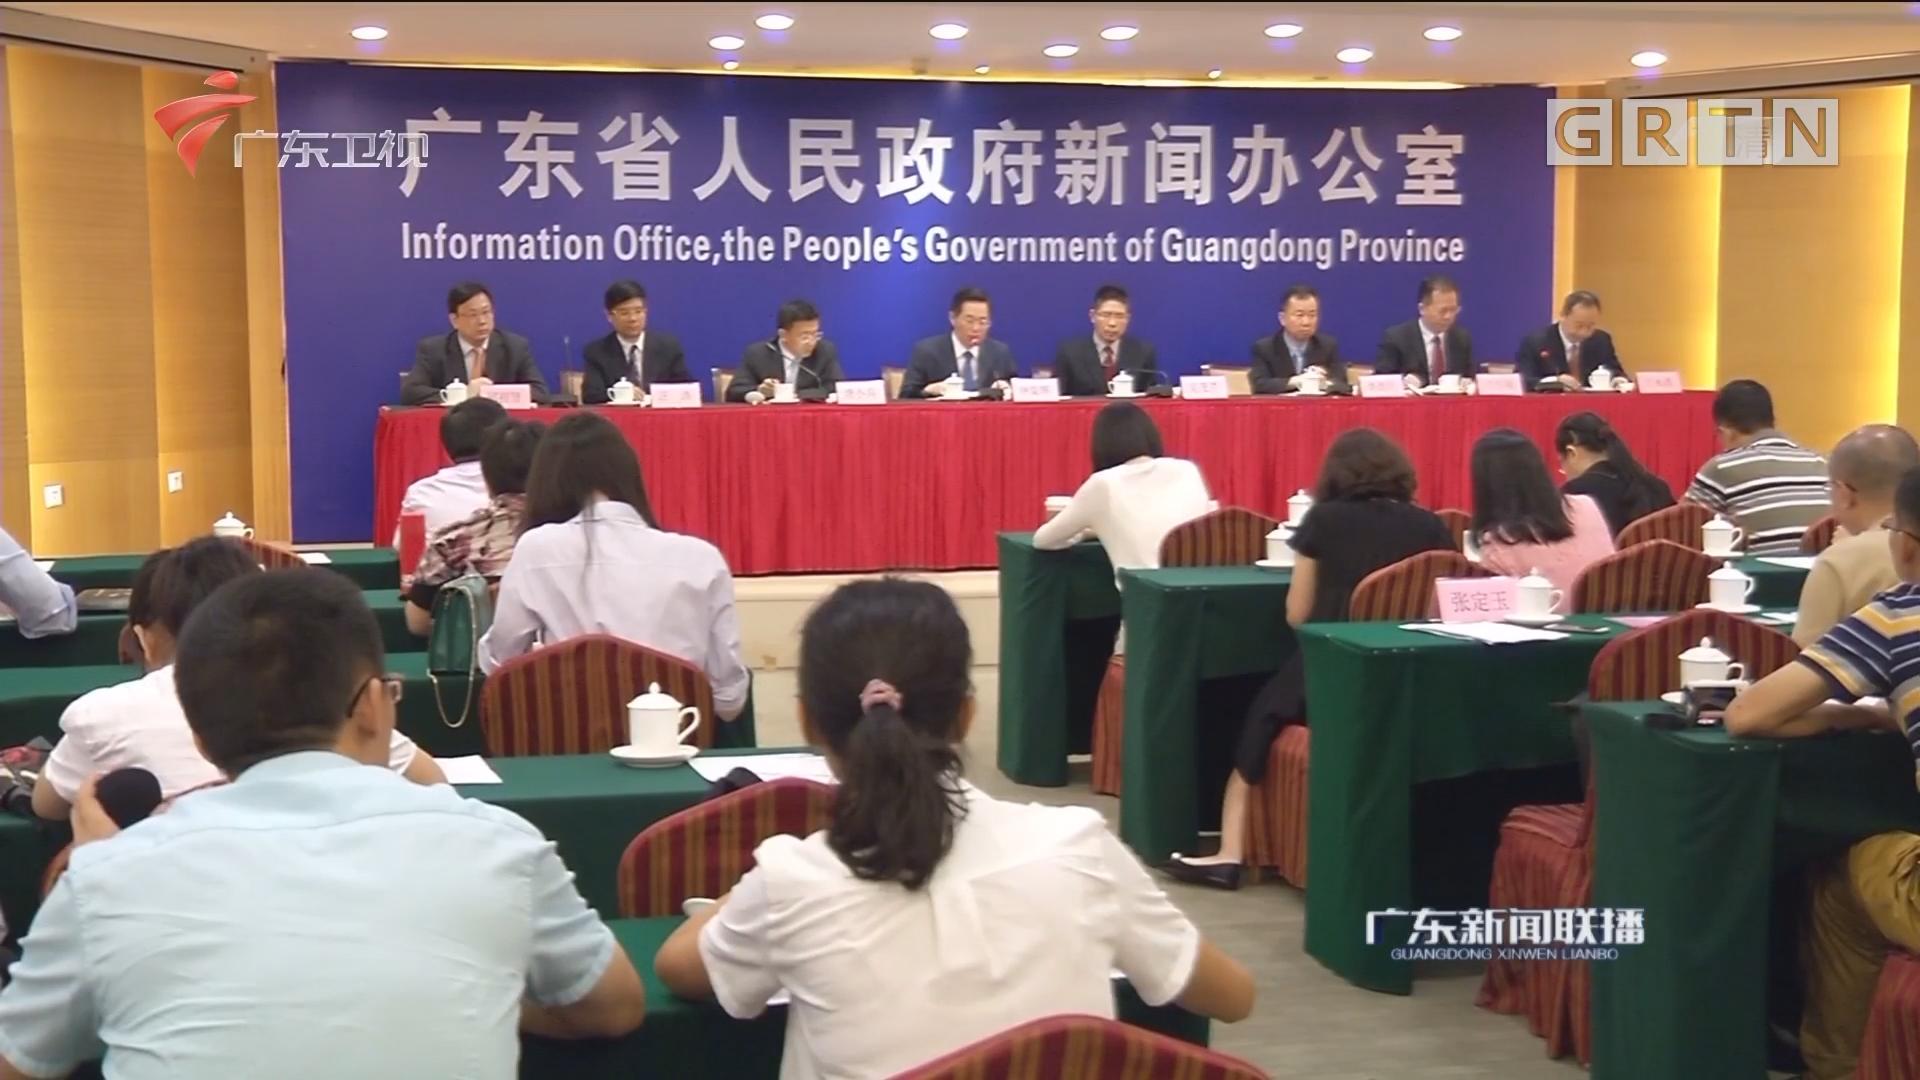 2017粤商大会将于19日在穗举行